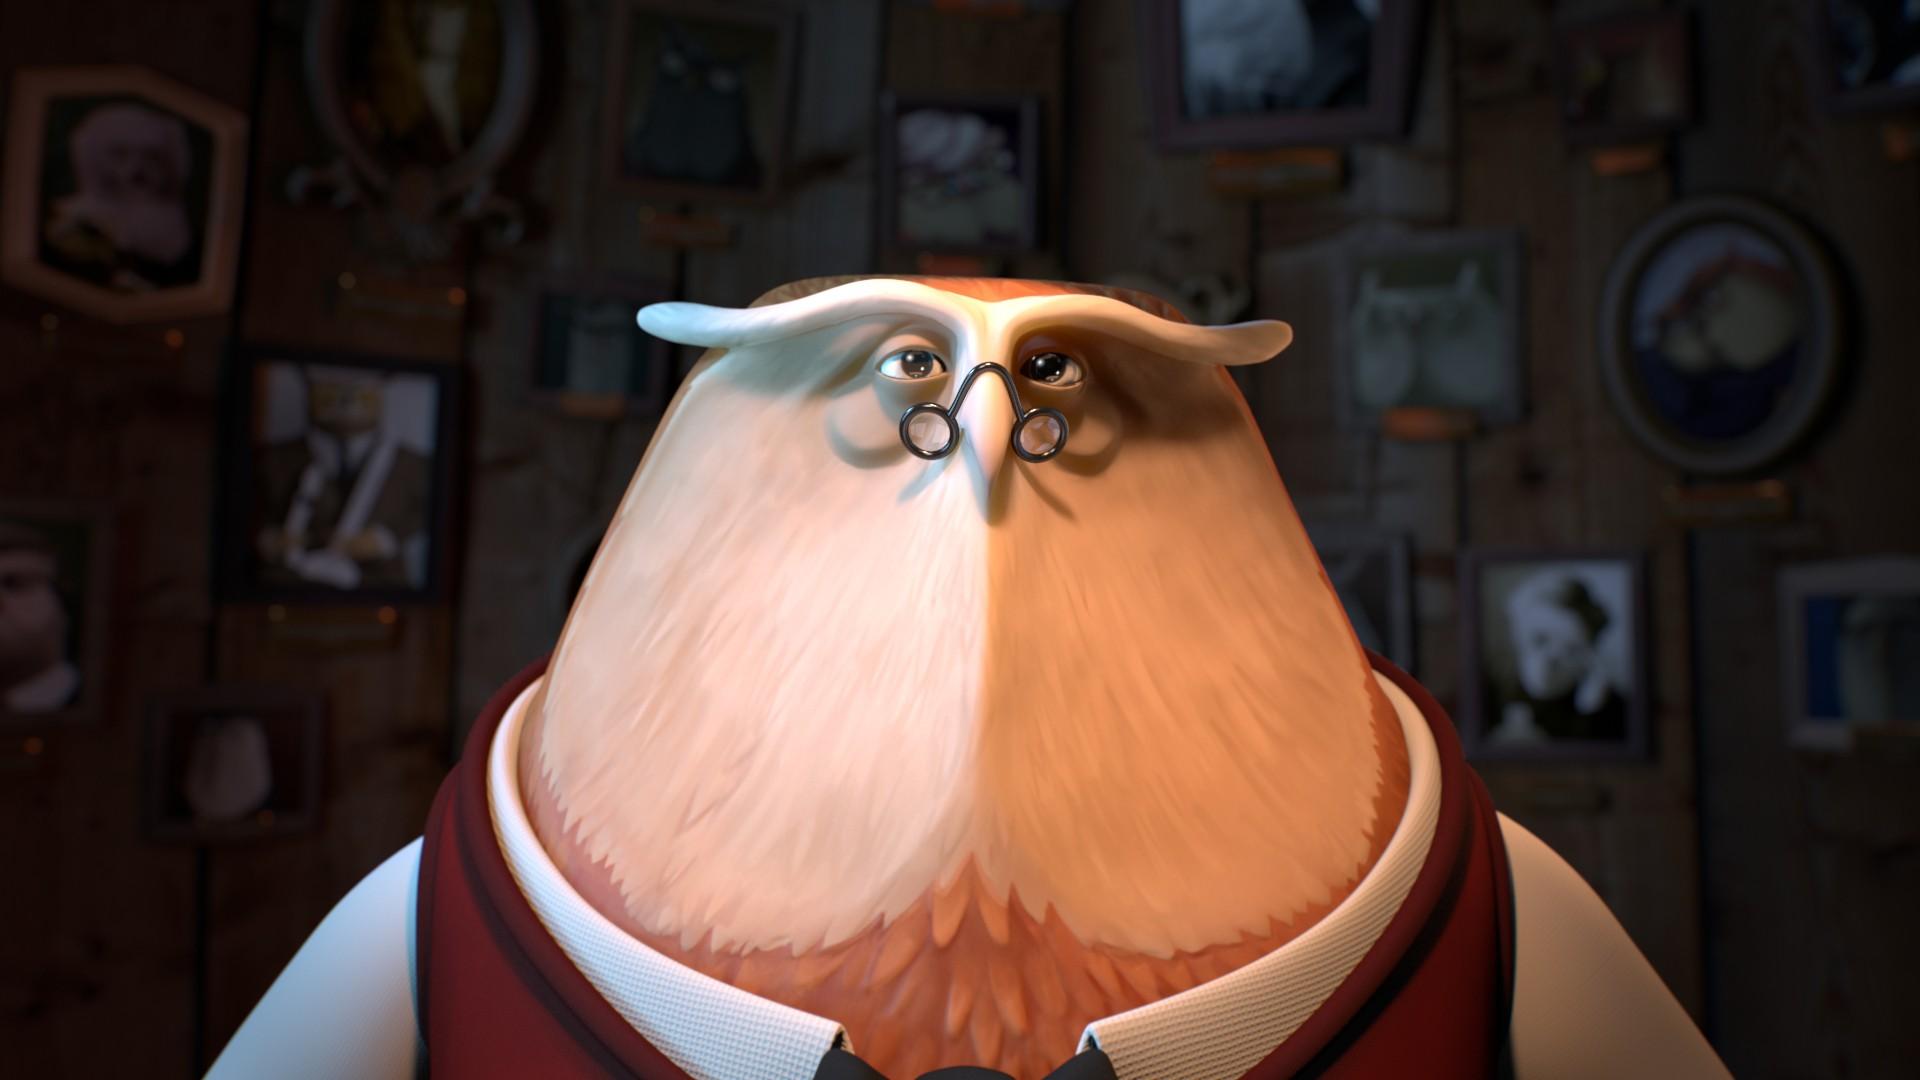 Vizinho Cara de Pau - Uma coruja médica se empenha em seguir os passos de seus antepassados ao tentar solucionar uma equação difícil. Mas um pica-pau perturba os esforços... (Foto: Divulgação)